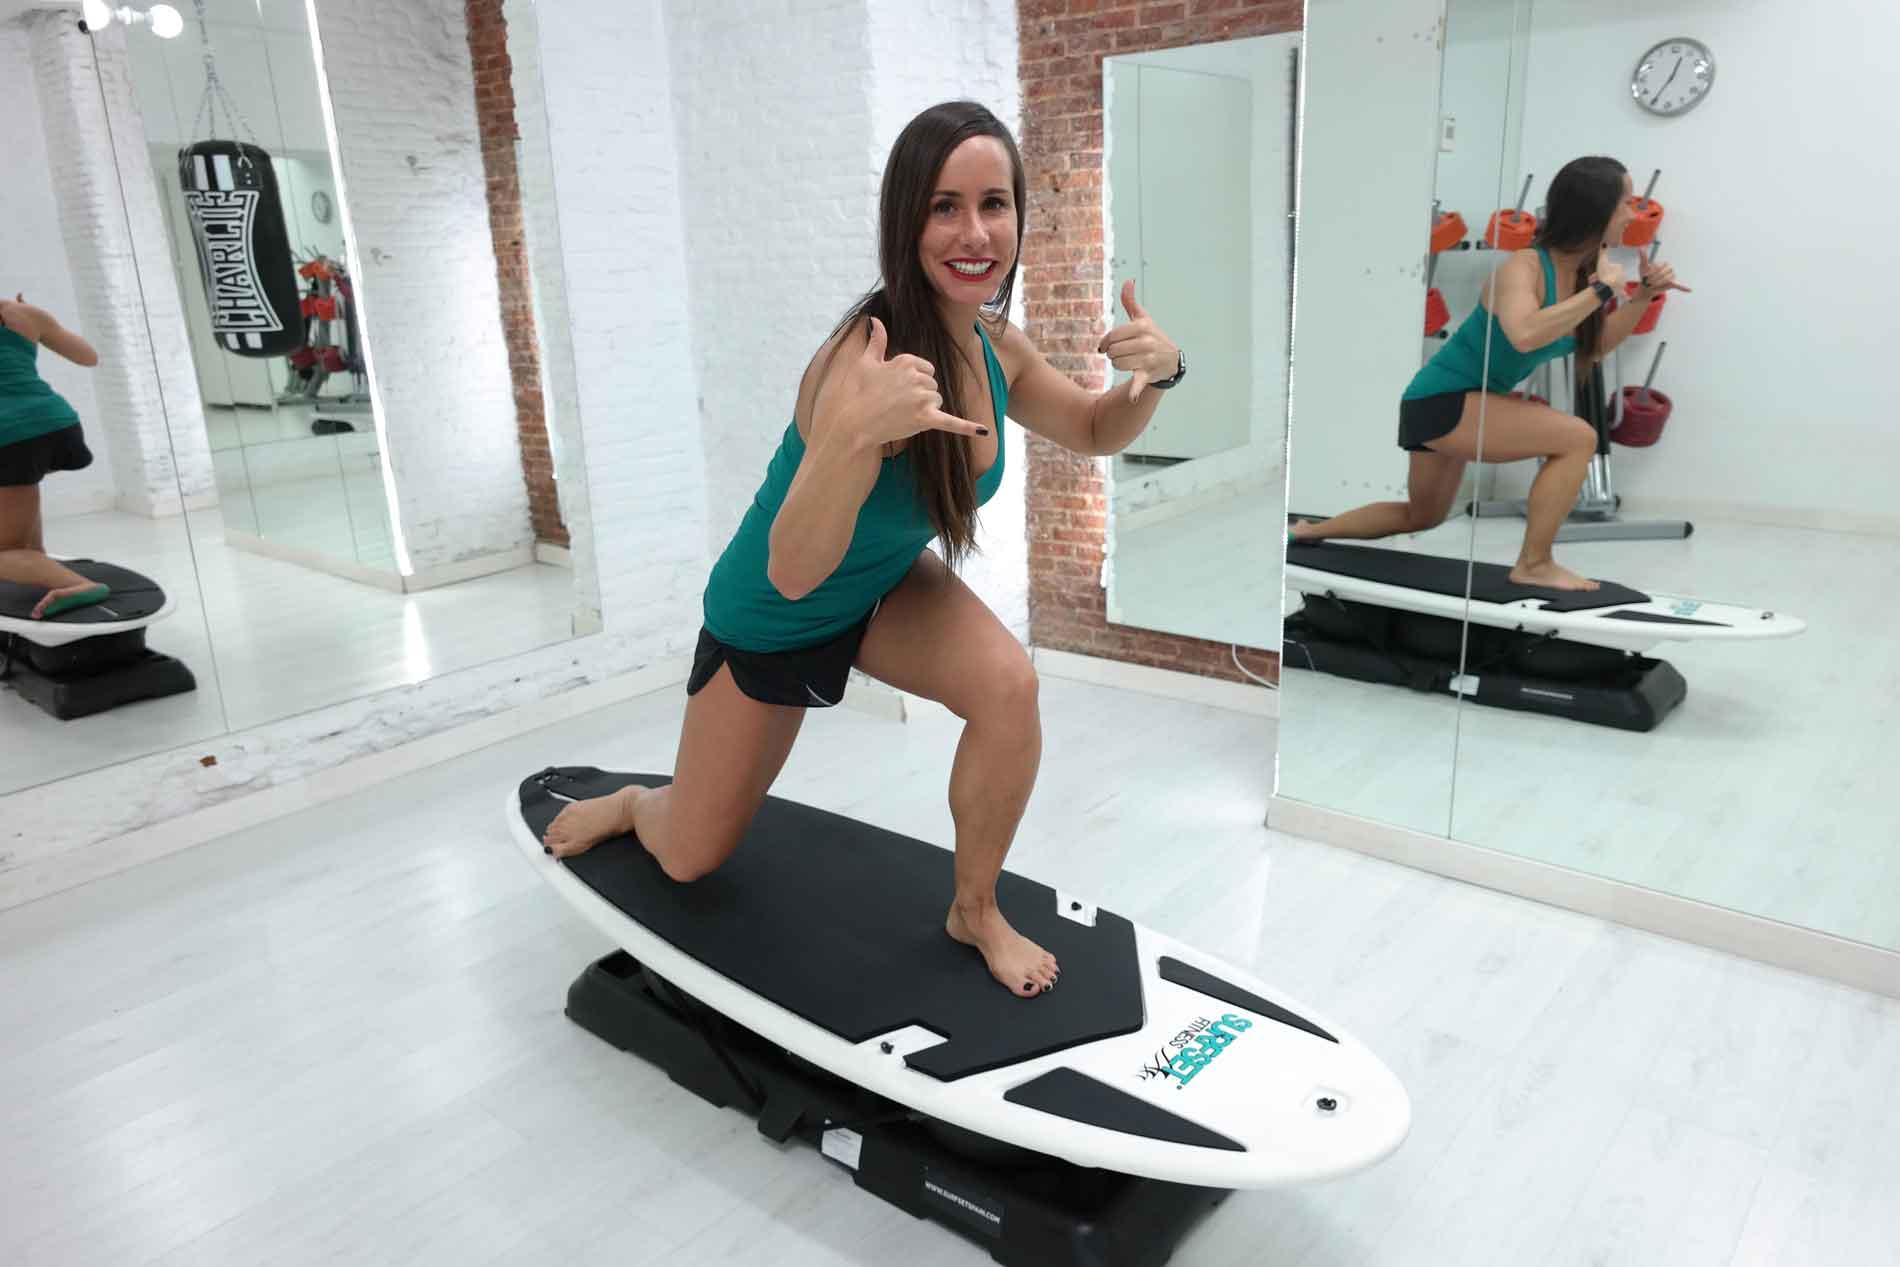 Conoce surfset, el entrenamiento de moda